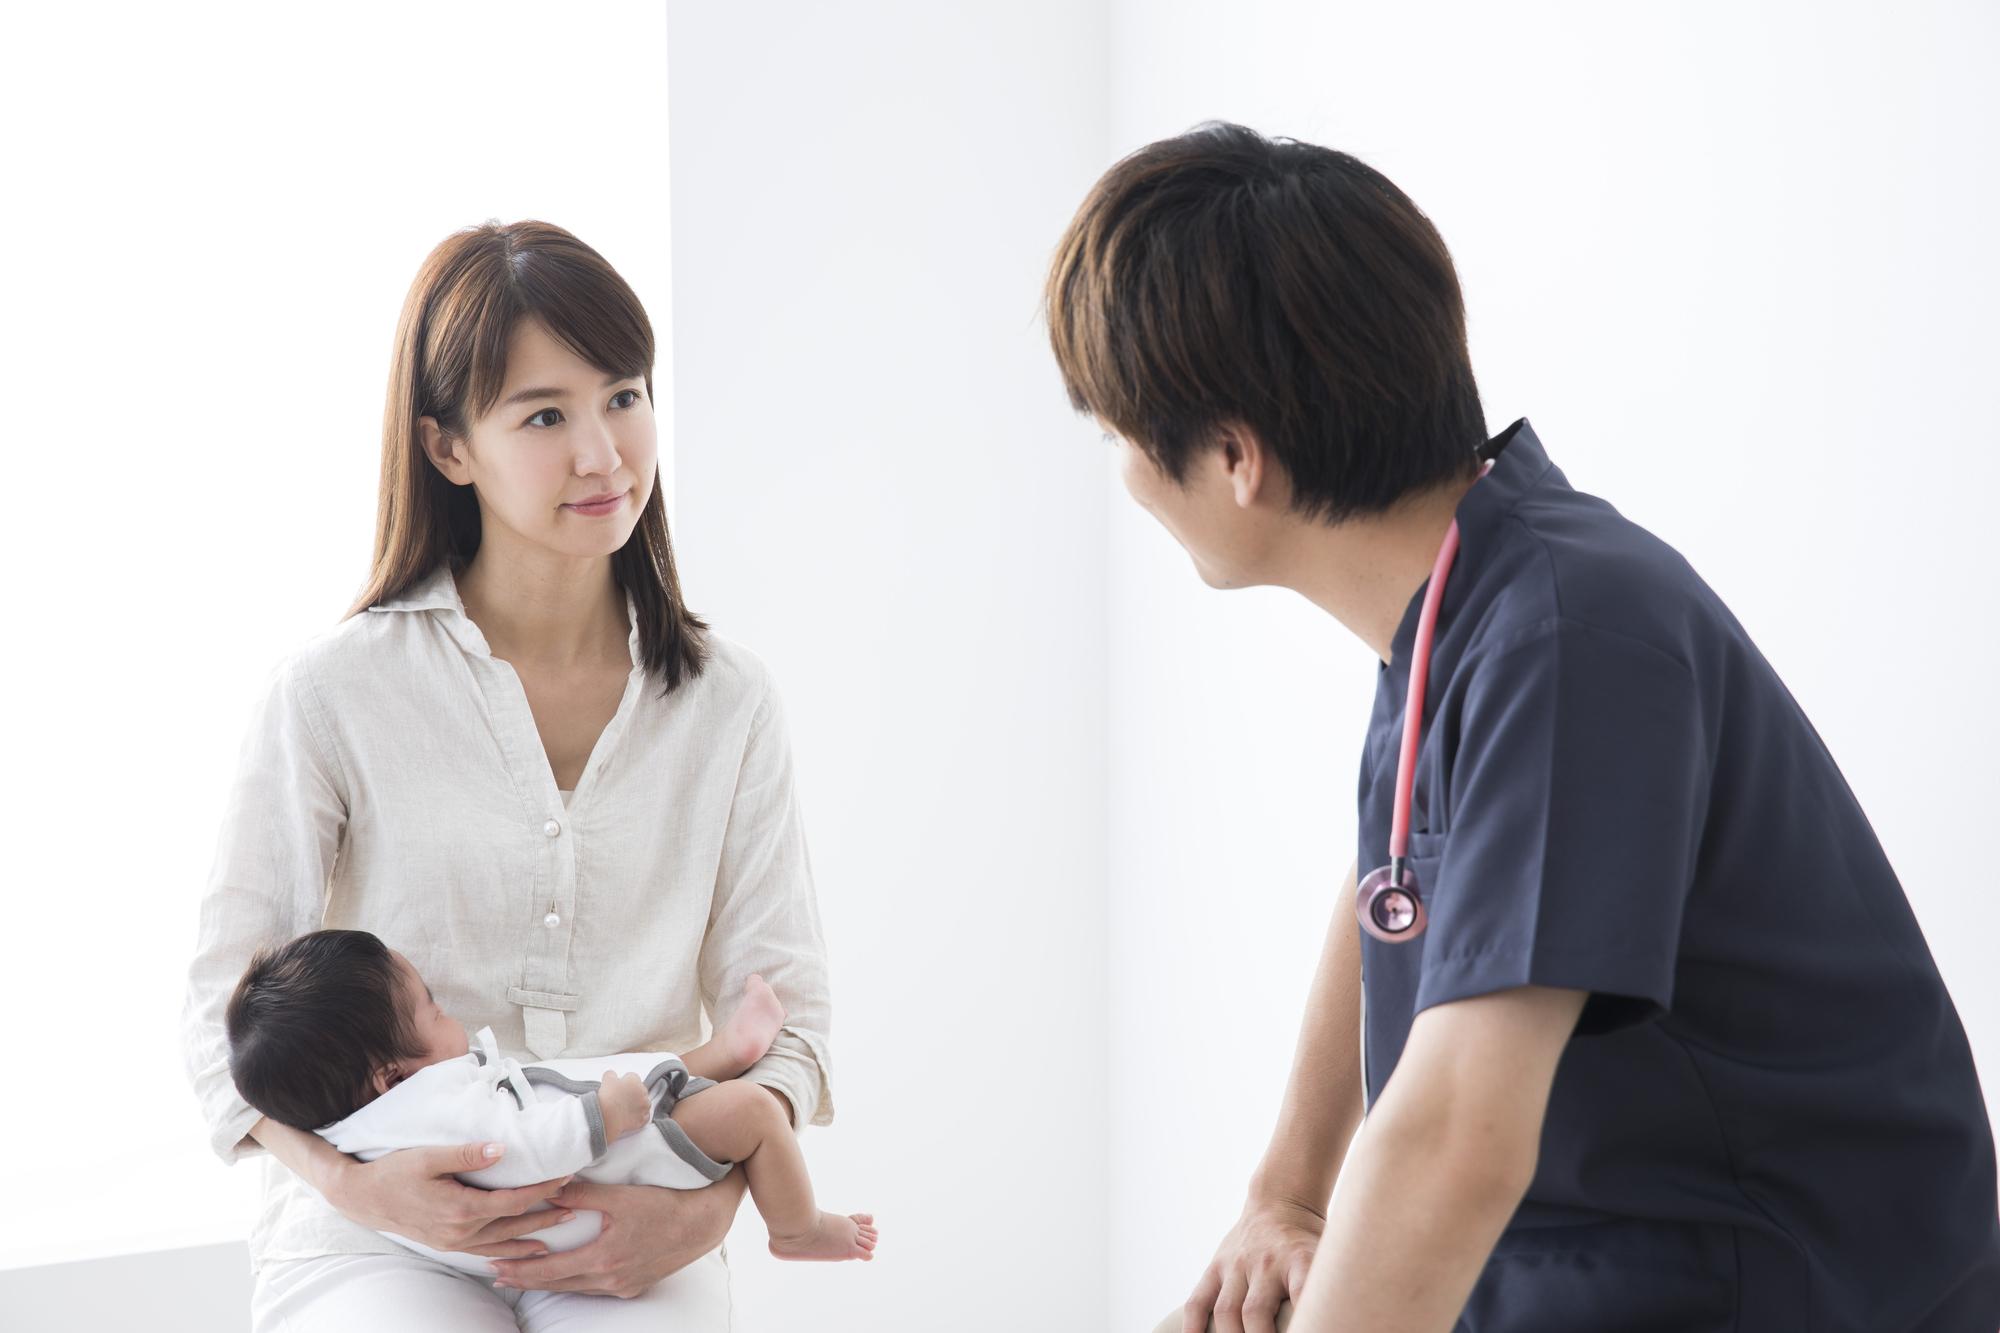 病院受診のタイミング